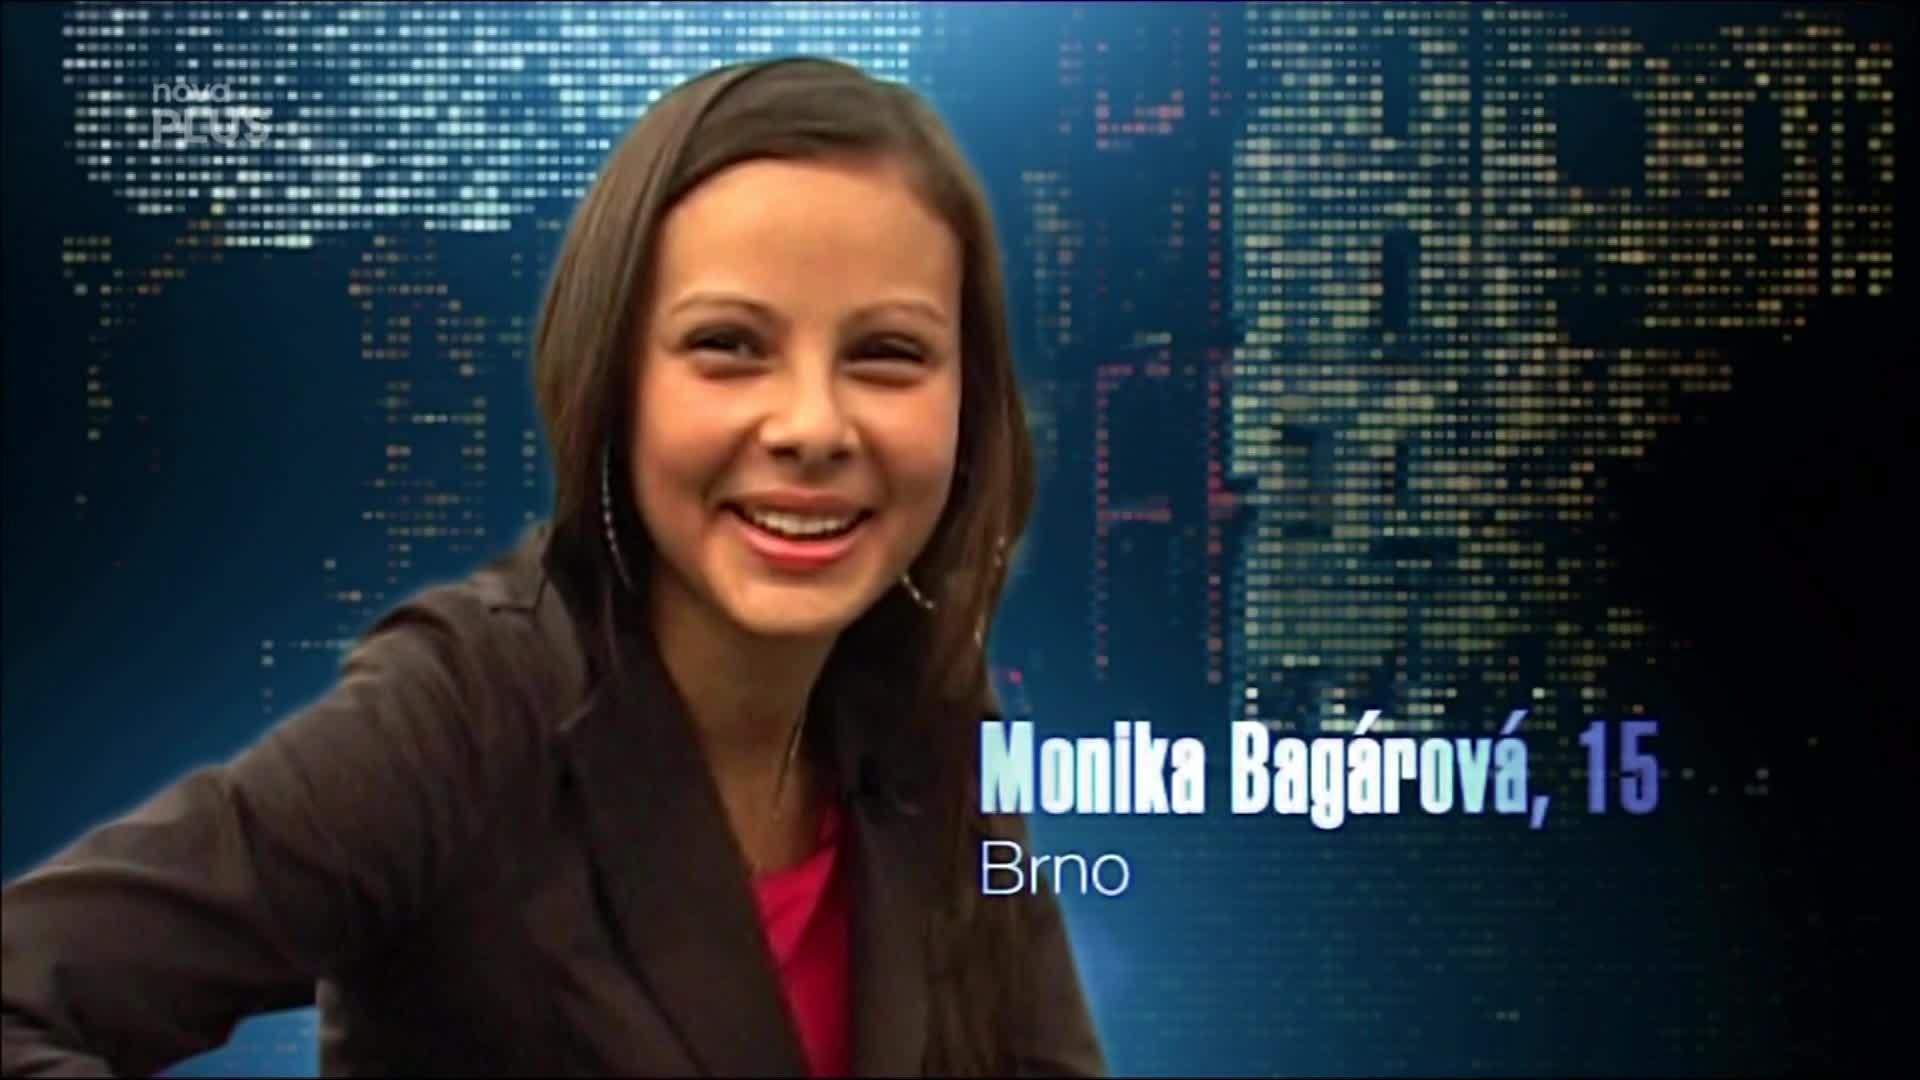 Monika Bagárová šokovala: Otevřeně přiznala, proč už by se do SuperStar nepřihlásila